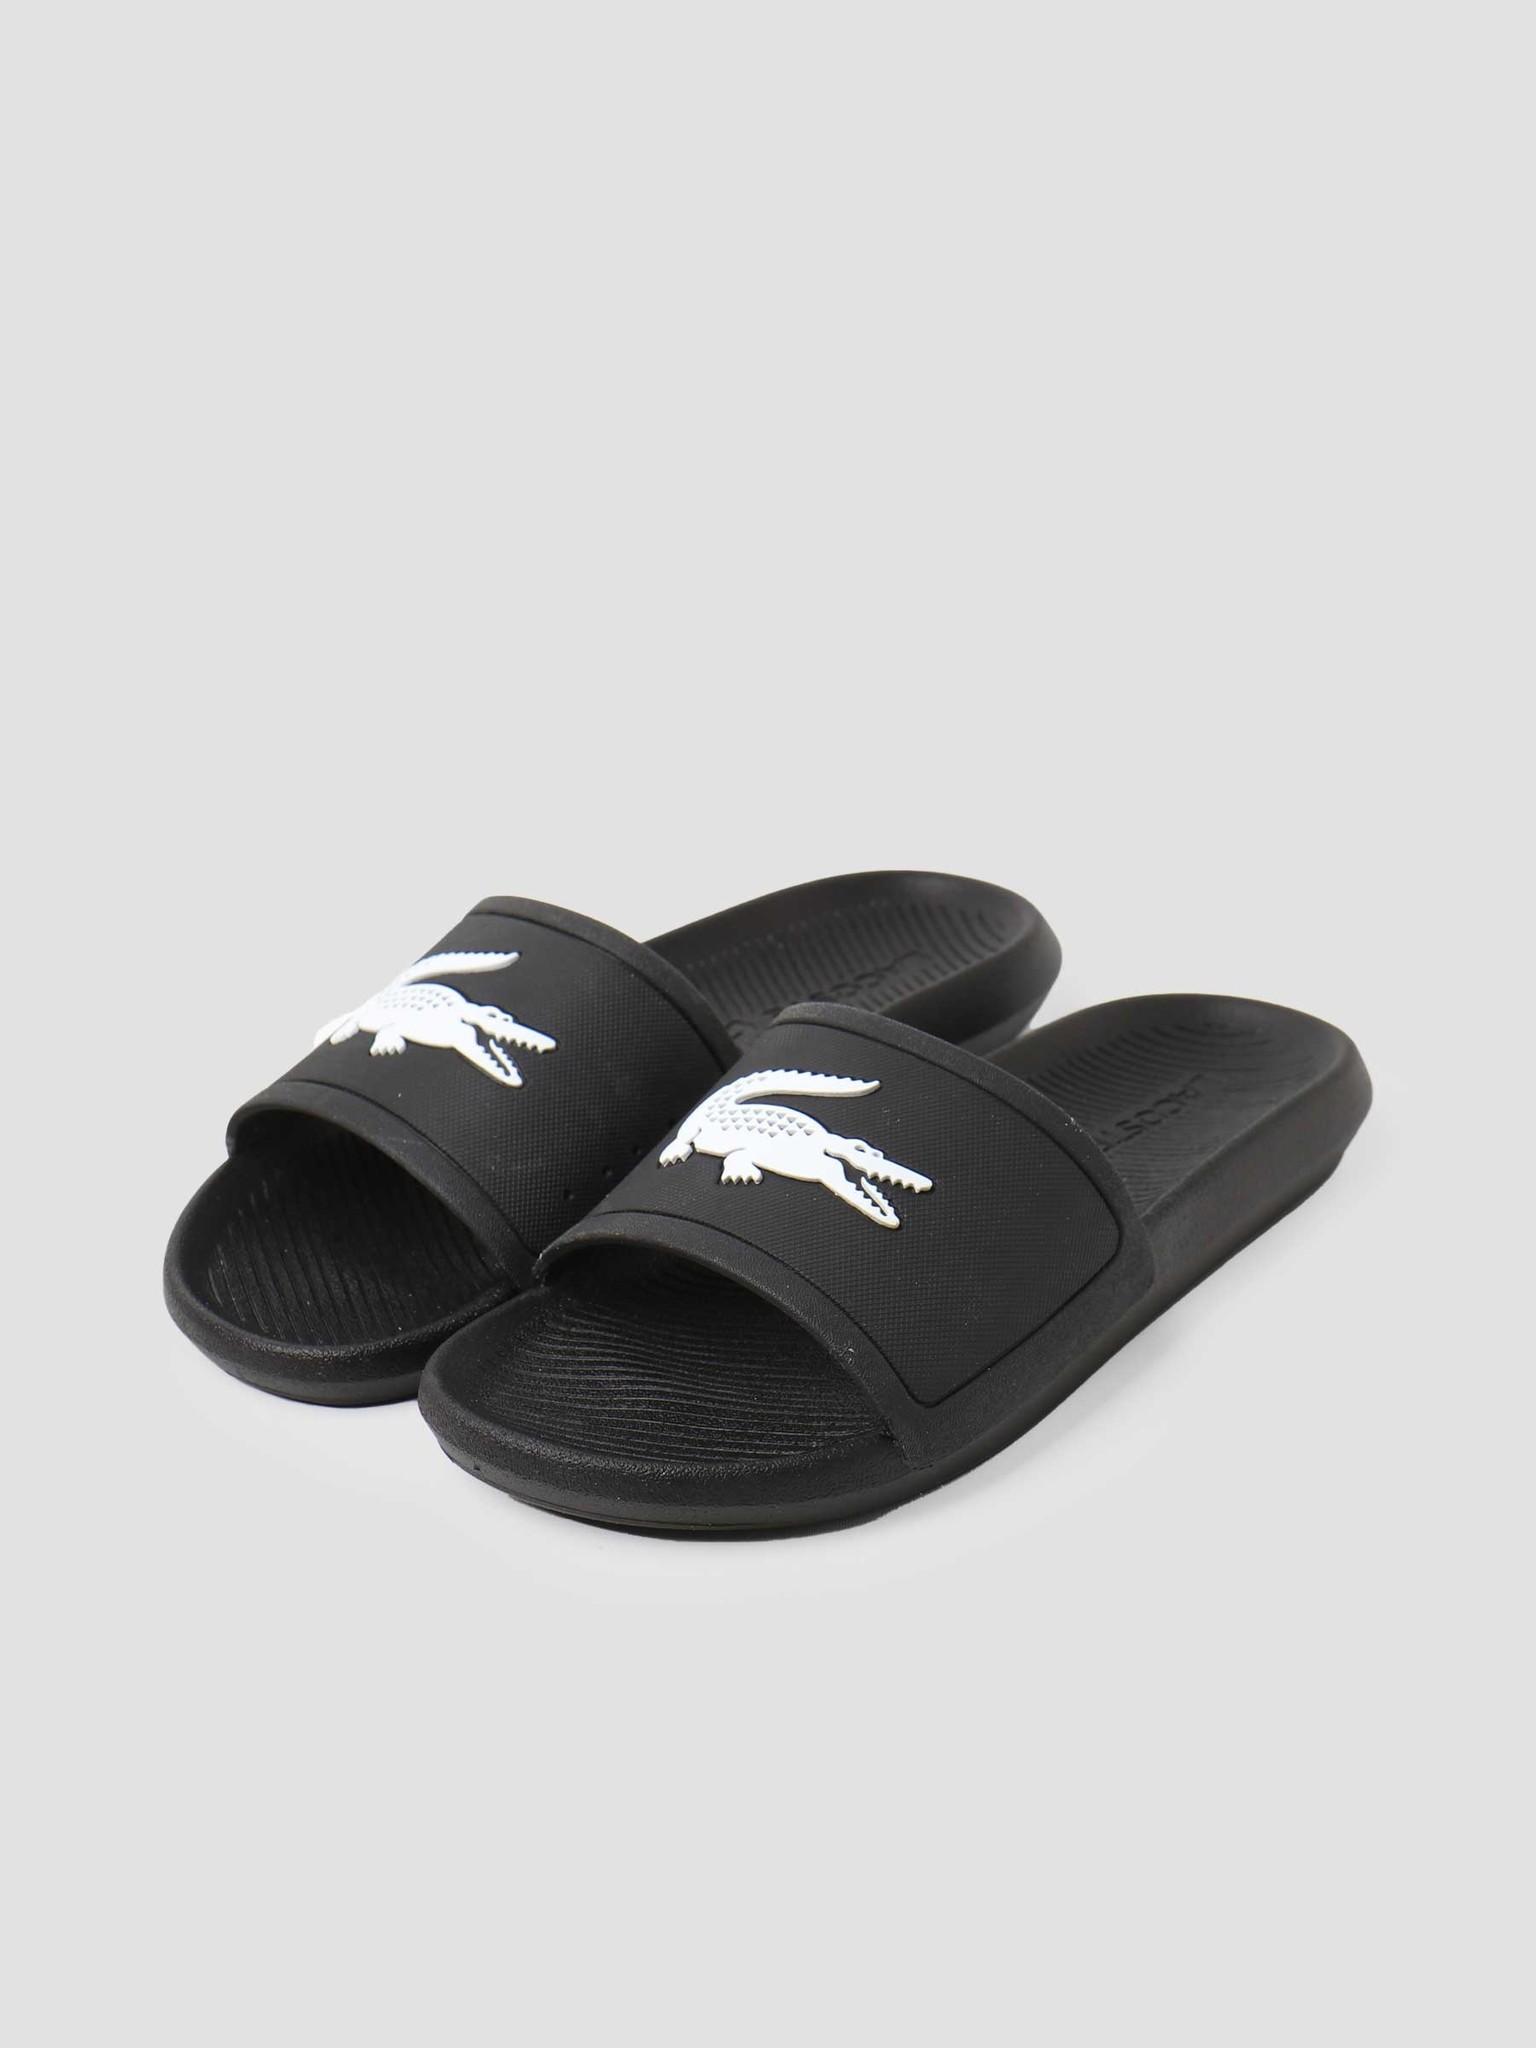 Lacoste Lacoste Croco Slide 119 1 Cma Black White 737CMA001831211